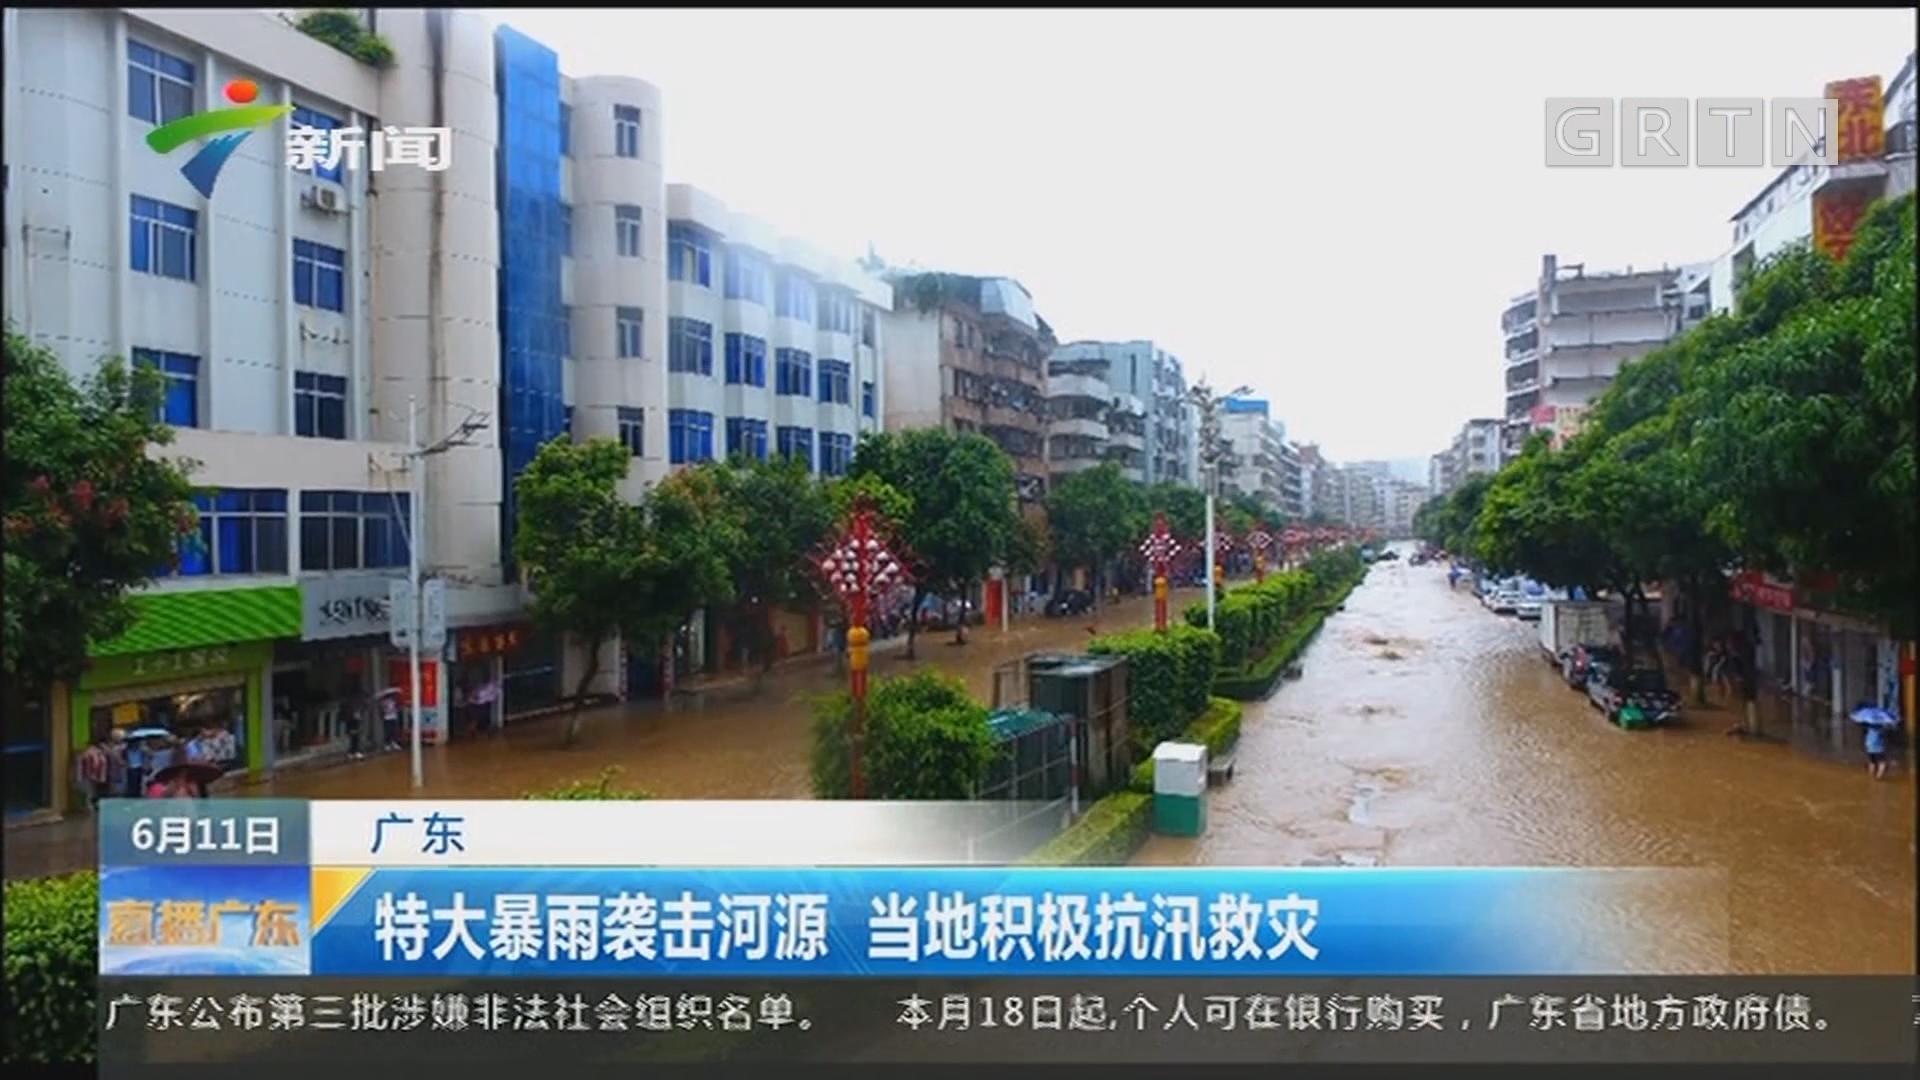 廣東:特大暴雨襲擊河源 當地積極抗汛救災